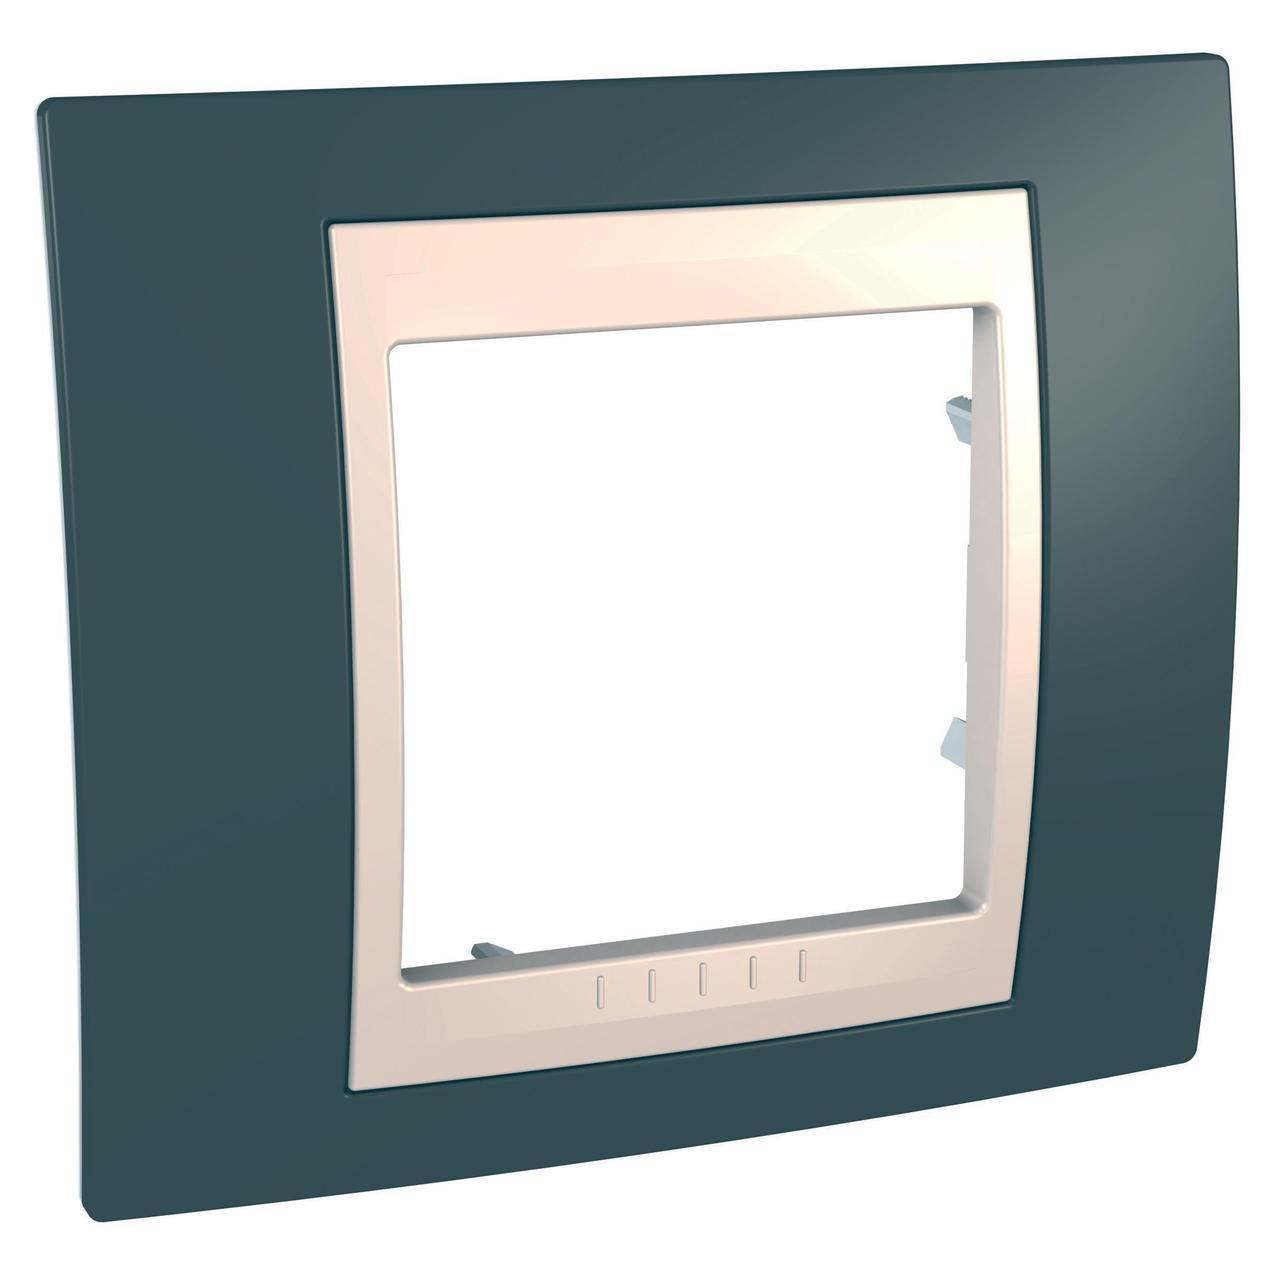 Рамка 1-ая (одинарная), Серо-зеленый/Бежевый, серия Unica, Schneider Electric